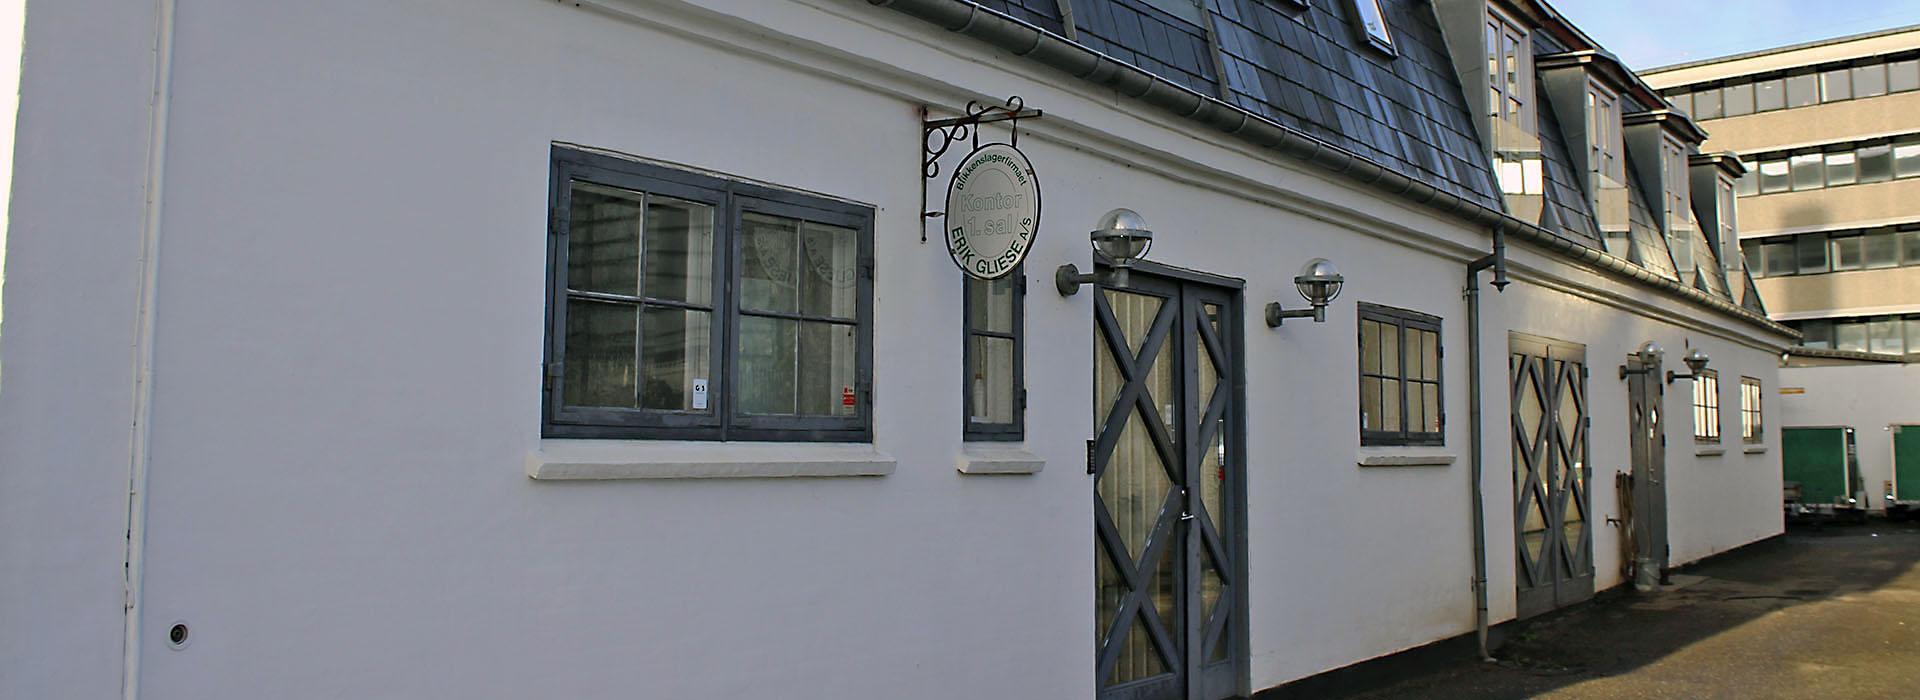 Gliese VVS hovedkontor på Amager